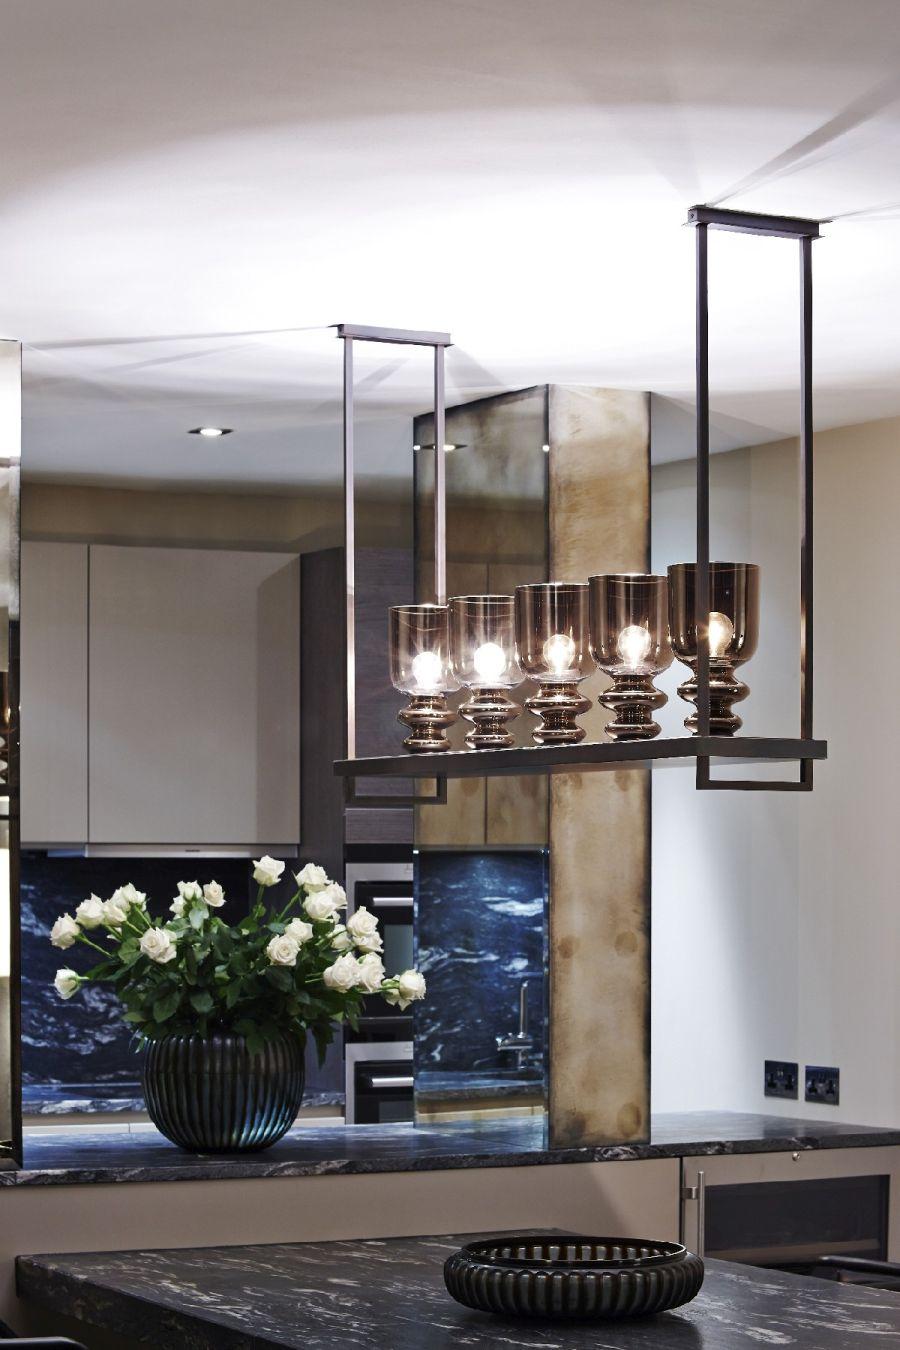 120 кв. м луксозен апартамент в Лондон_3